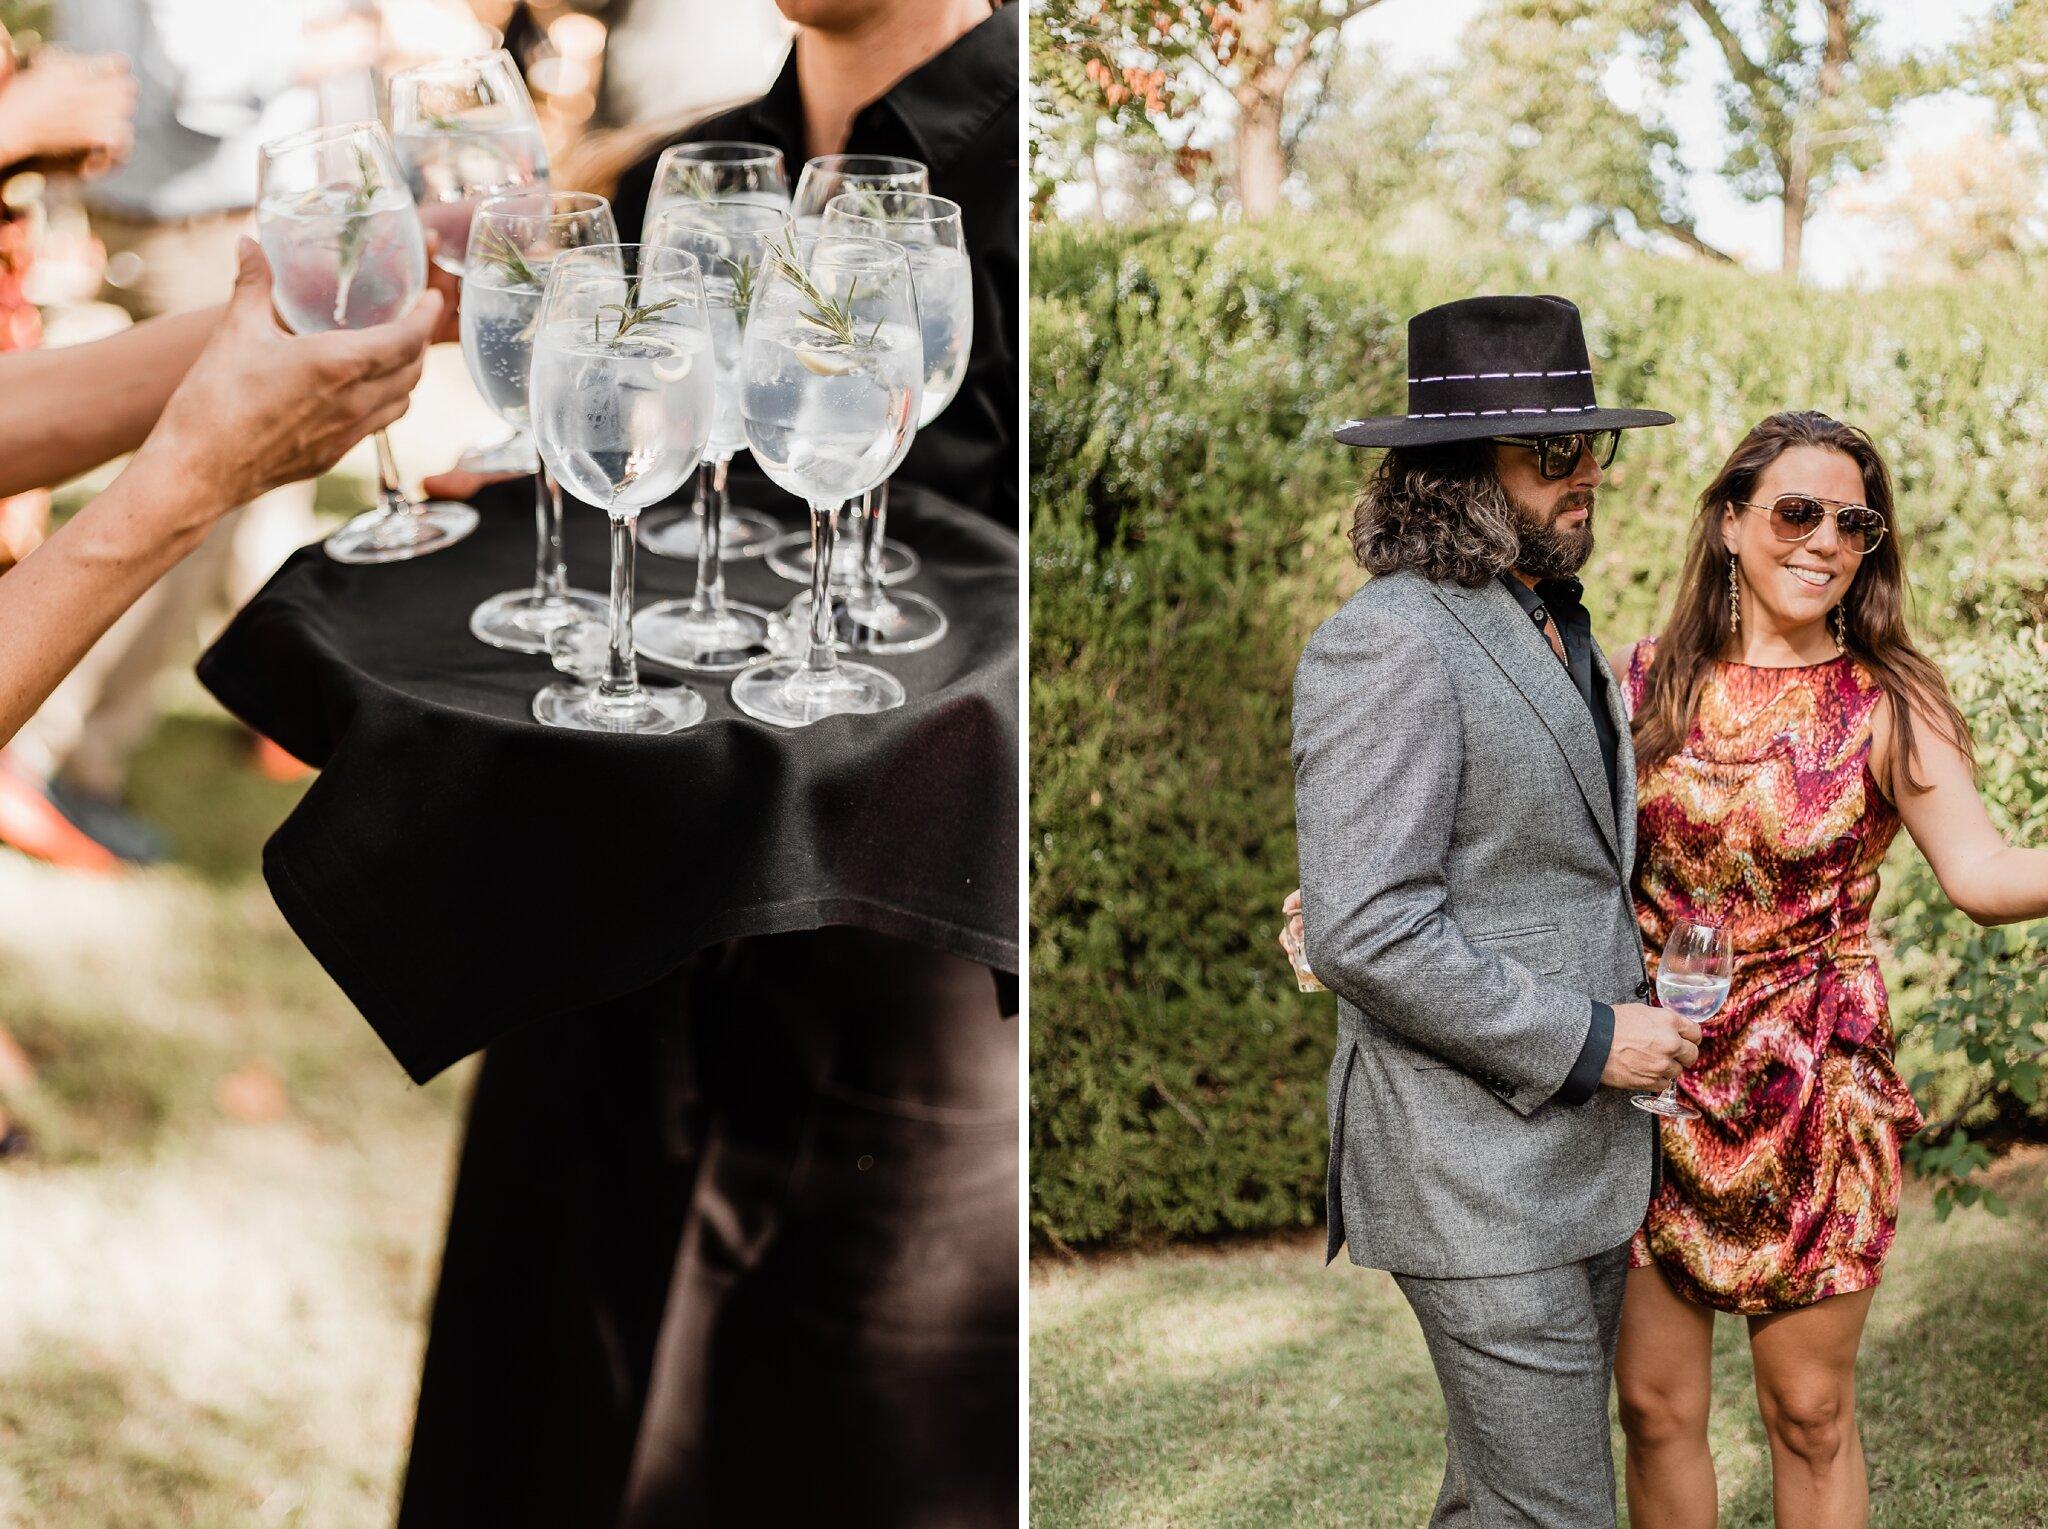 Alicia+lucia+photography+-+albuquerque+wedding+photographer+-+santa+fe+wedding+photography+-+new+mexico+wedding+photographer+-+new+mexico+wedding+-+wedding+-+albuquerque+wedding+-+los+poblanos+-+los+poblanos+wedding+-+fall+wedding_0047.jpg